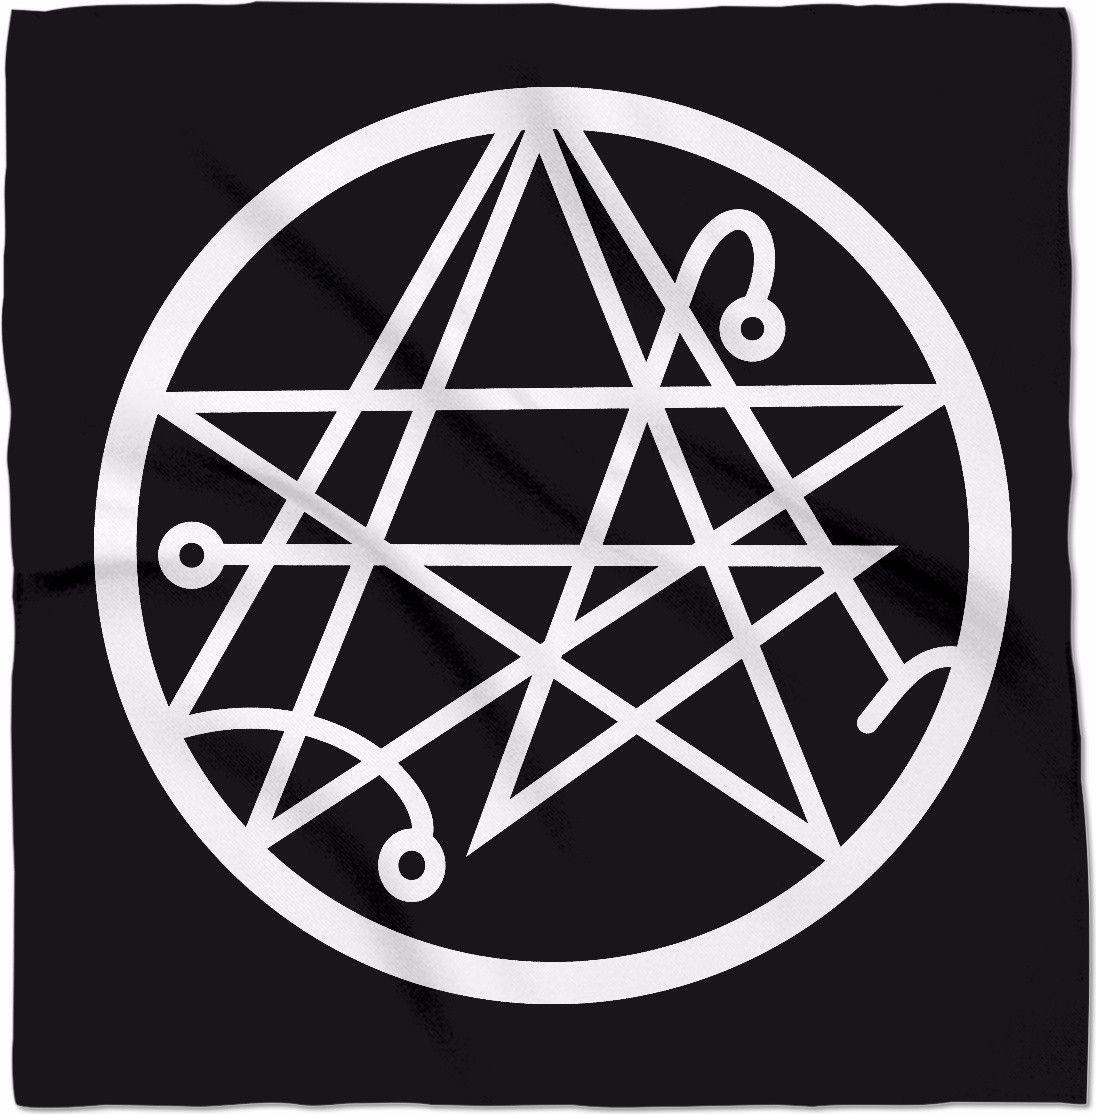 Necronomicon Seal 24 True Crime Hp Lovecraft Poe Pinterest